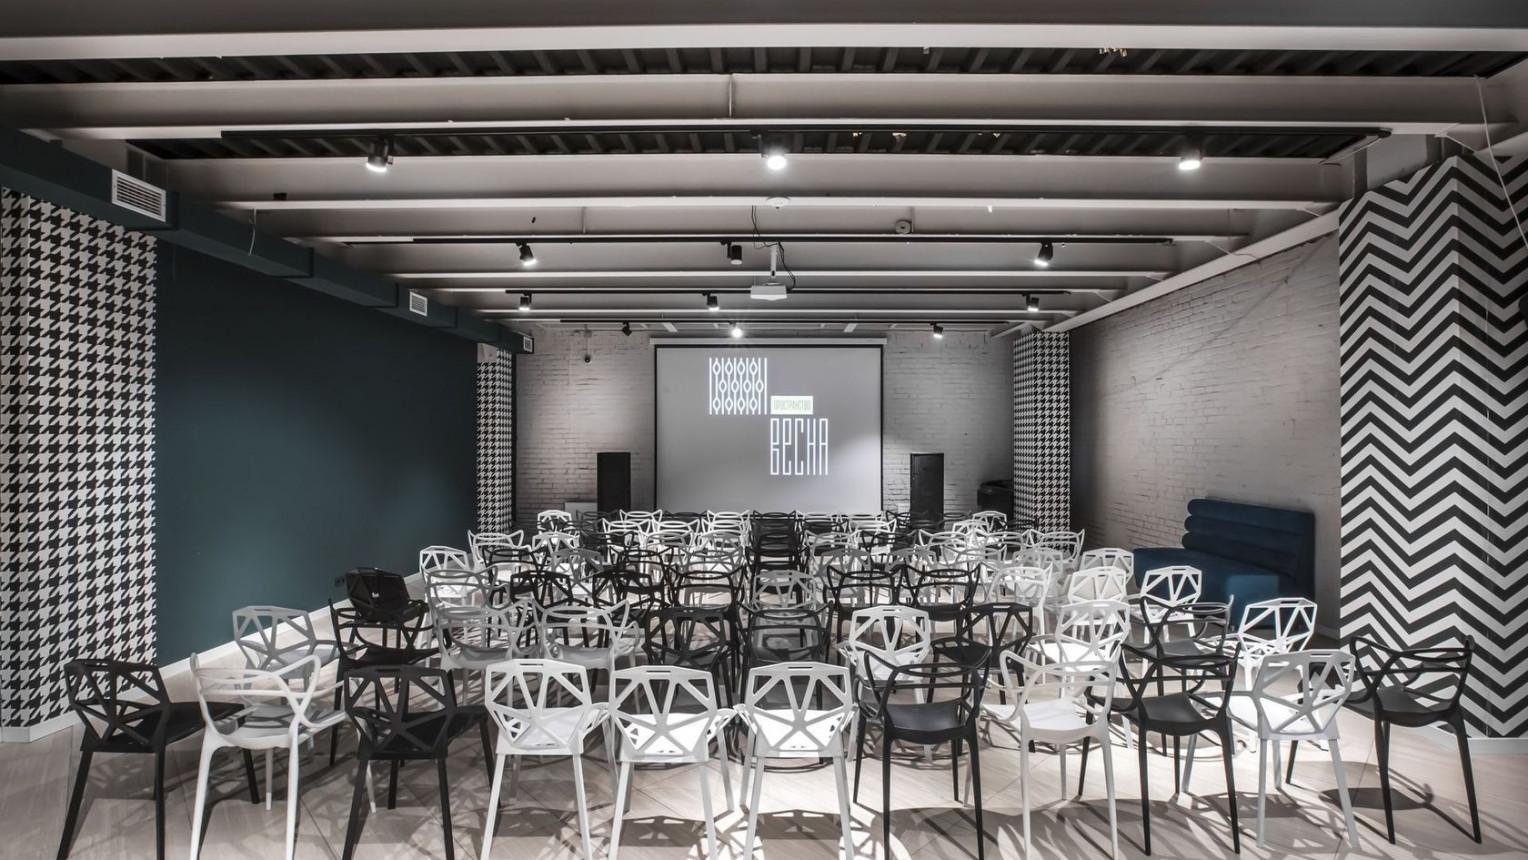 Зеленый зал для конференций, праздников, банкетов - фото №2